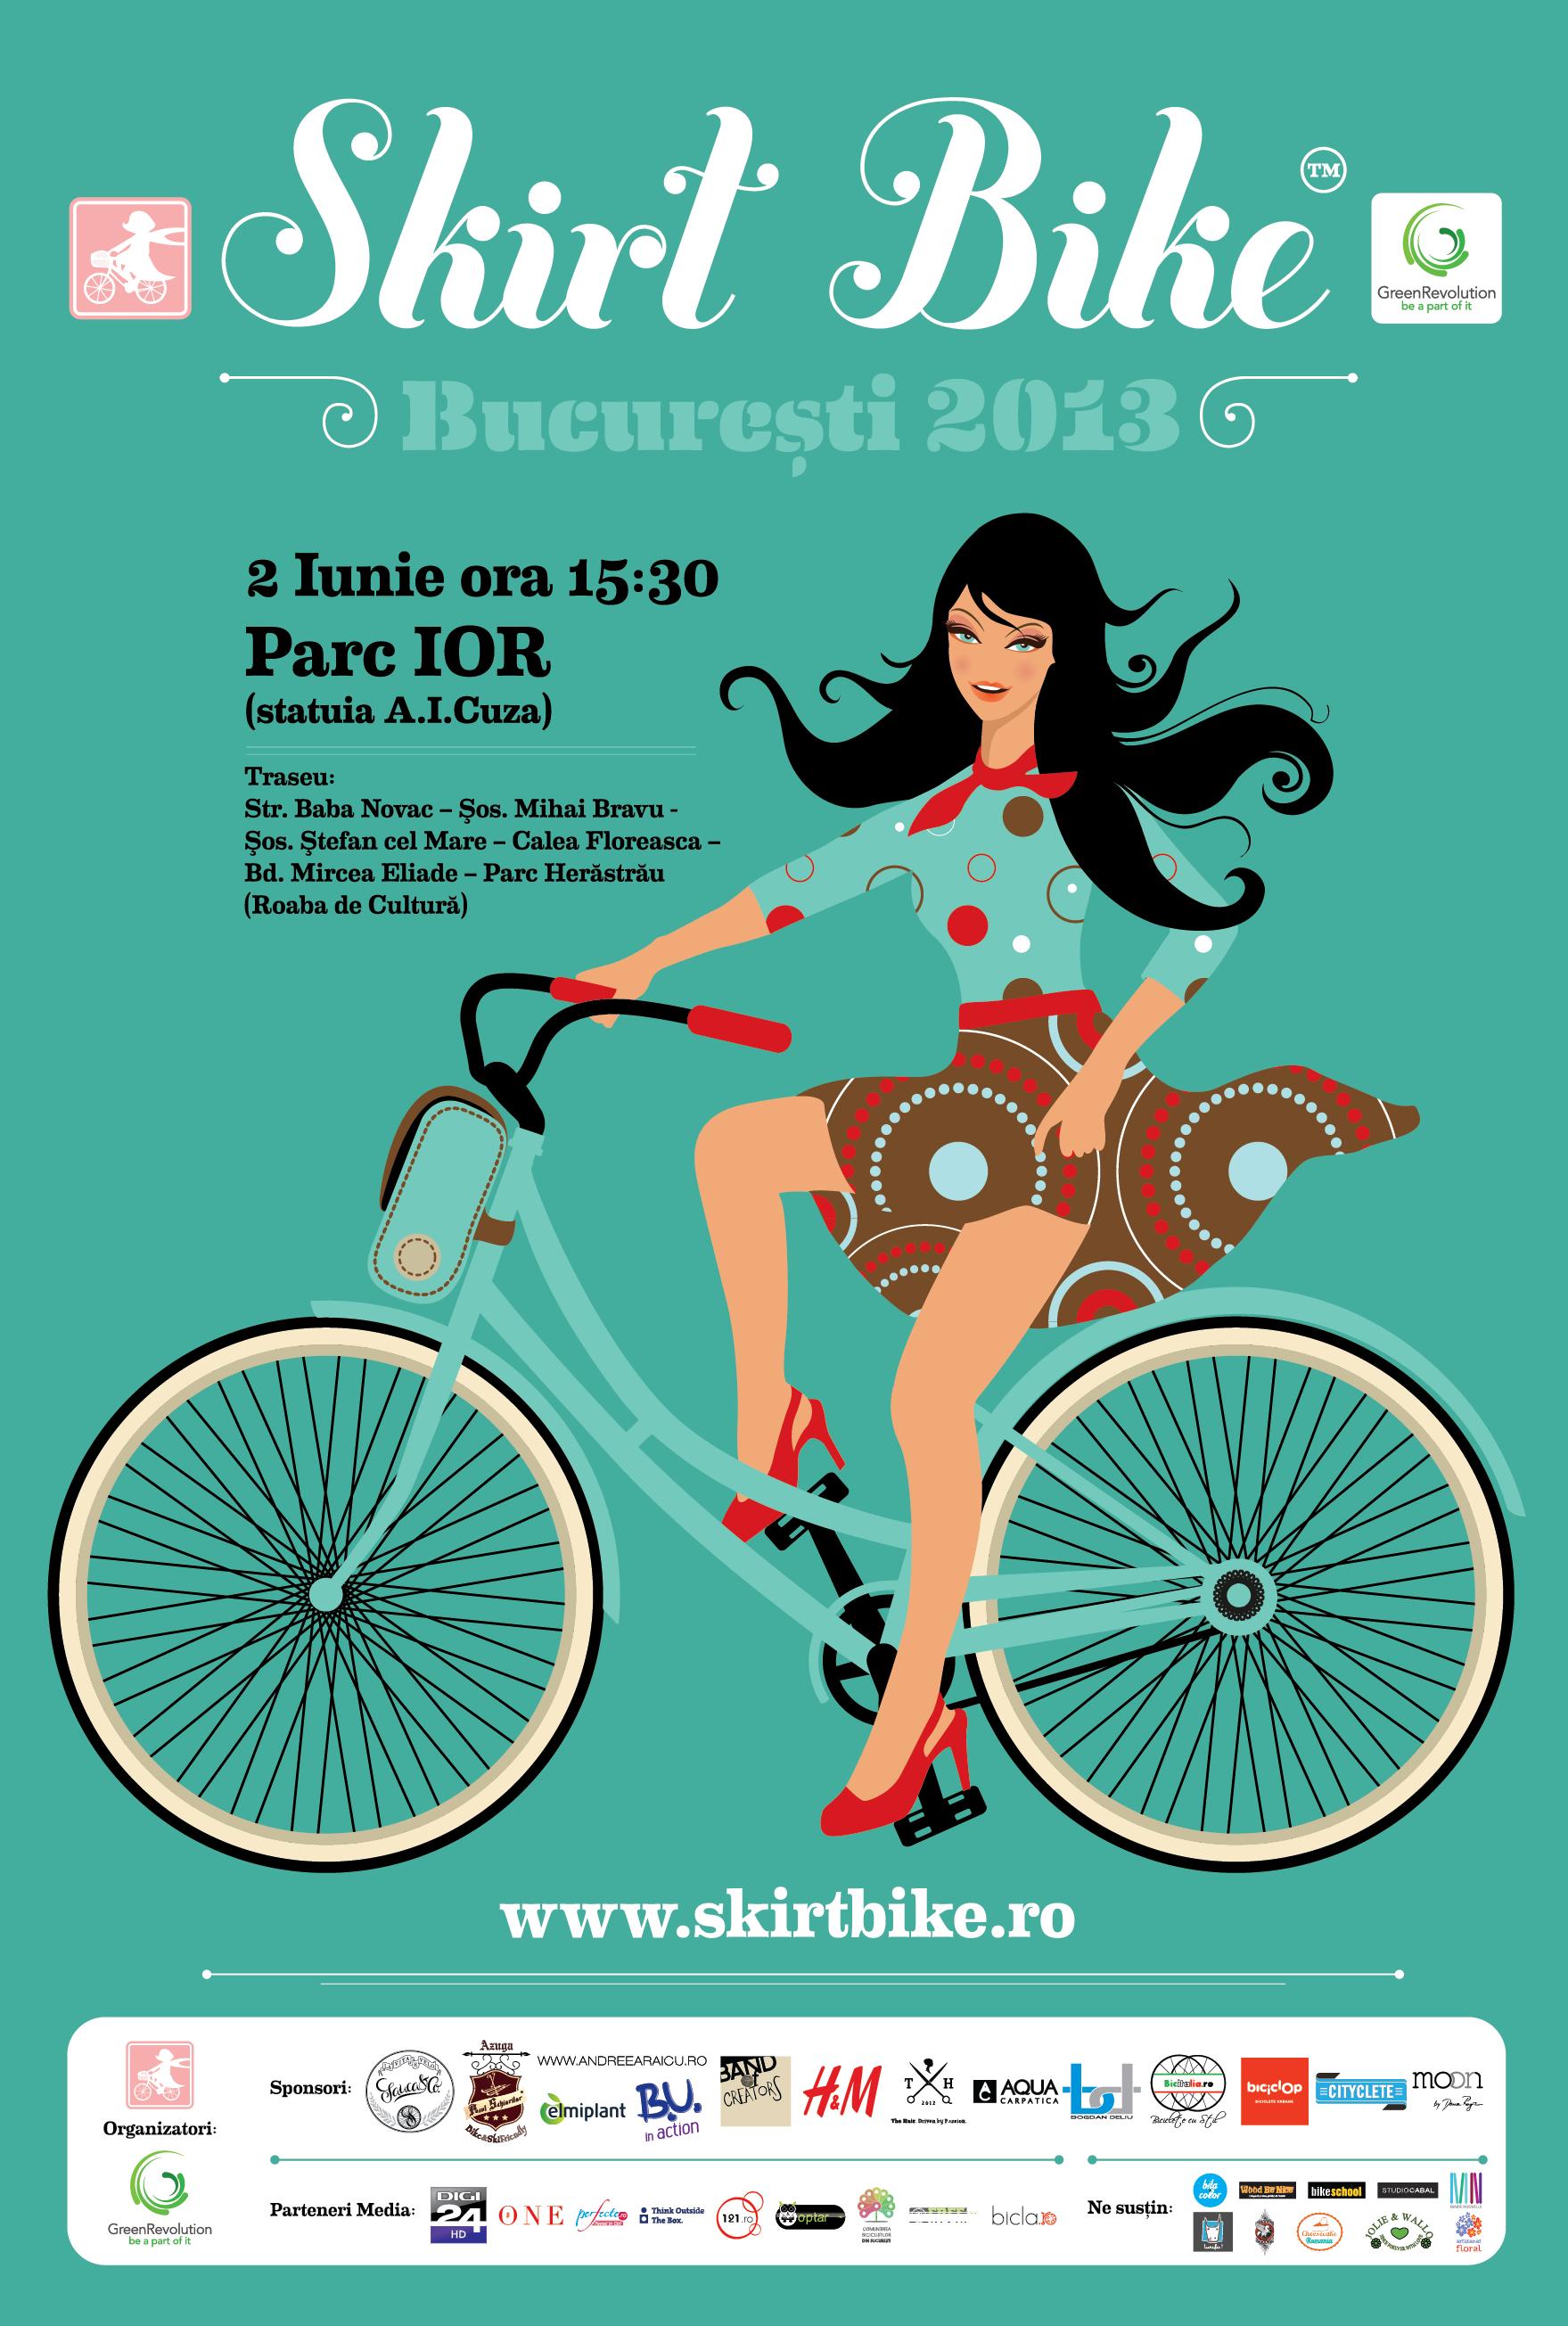 afis-SkirtBike-Bucuresti 2013